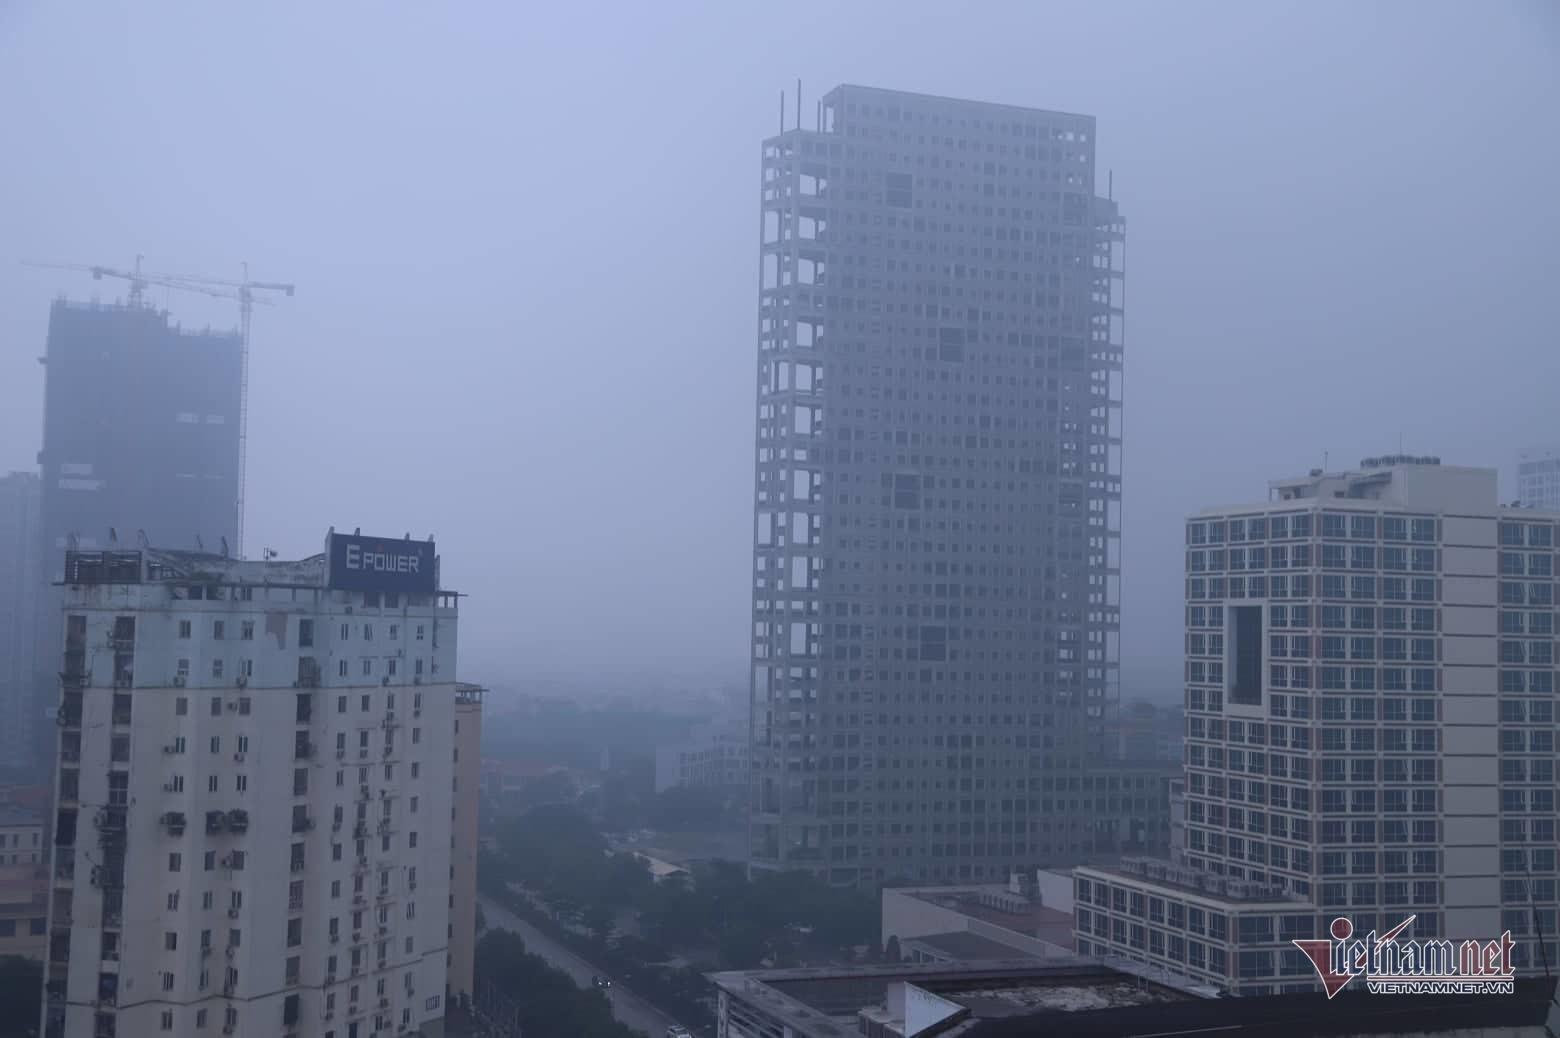 Sương mù giăng phủ Hà Nội, cao ốc mất hút Ảnh 11